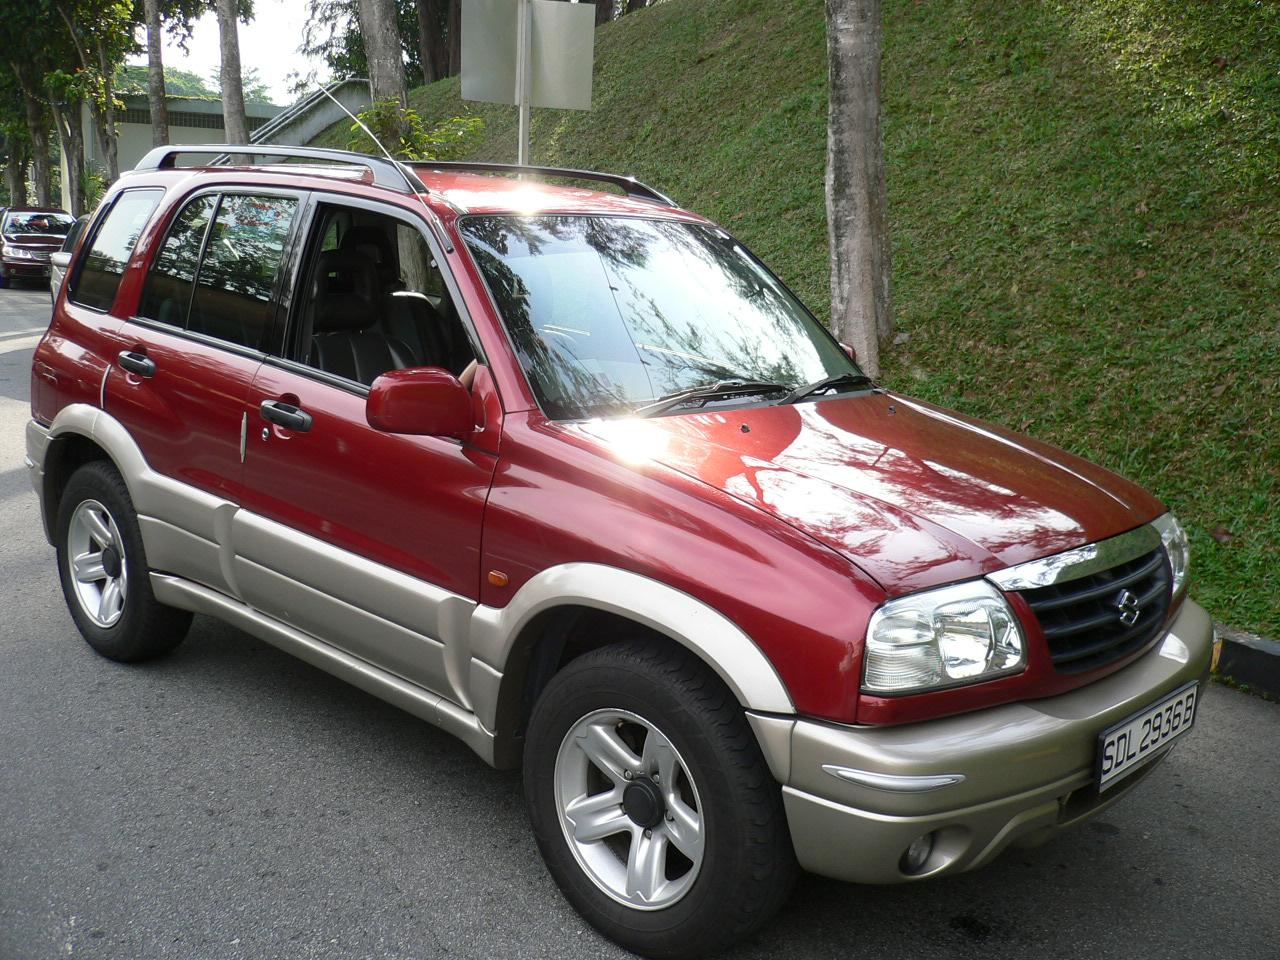 2000 Suzuki Sidekick - Suzuki Vitara Suzuki Vitara - 2000 Suzuki Sidekick